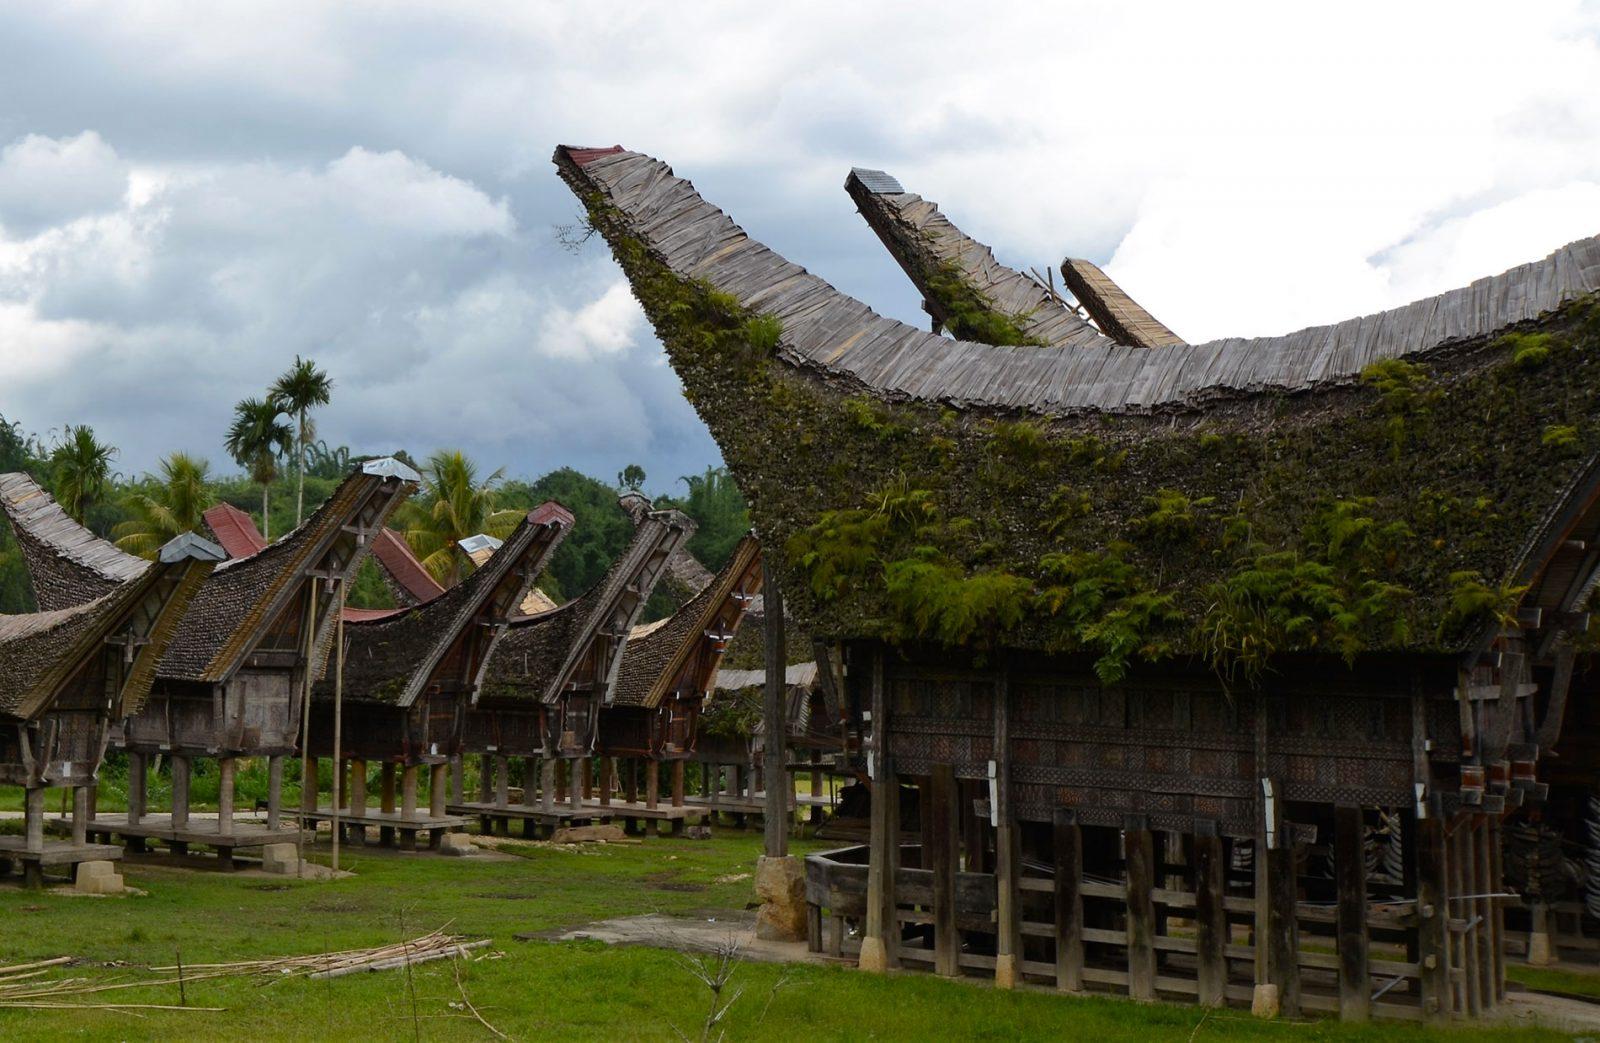 【スラウェシ島】トラジャ族、生死の宇宙観を感じ、幻の珈琲を求める5日間の旅